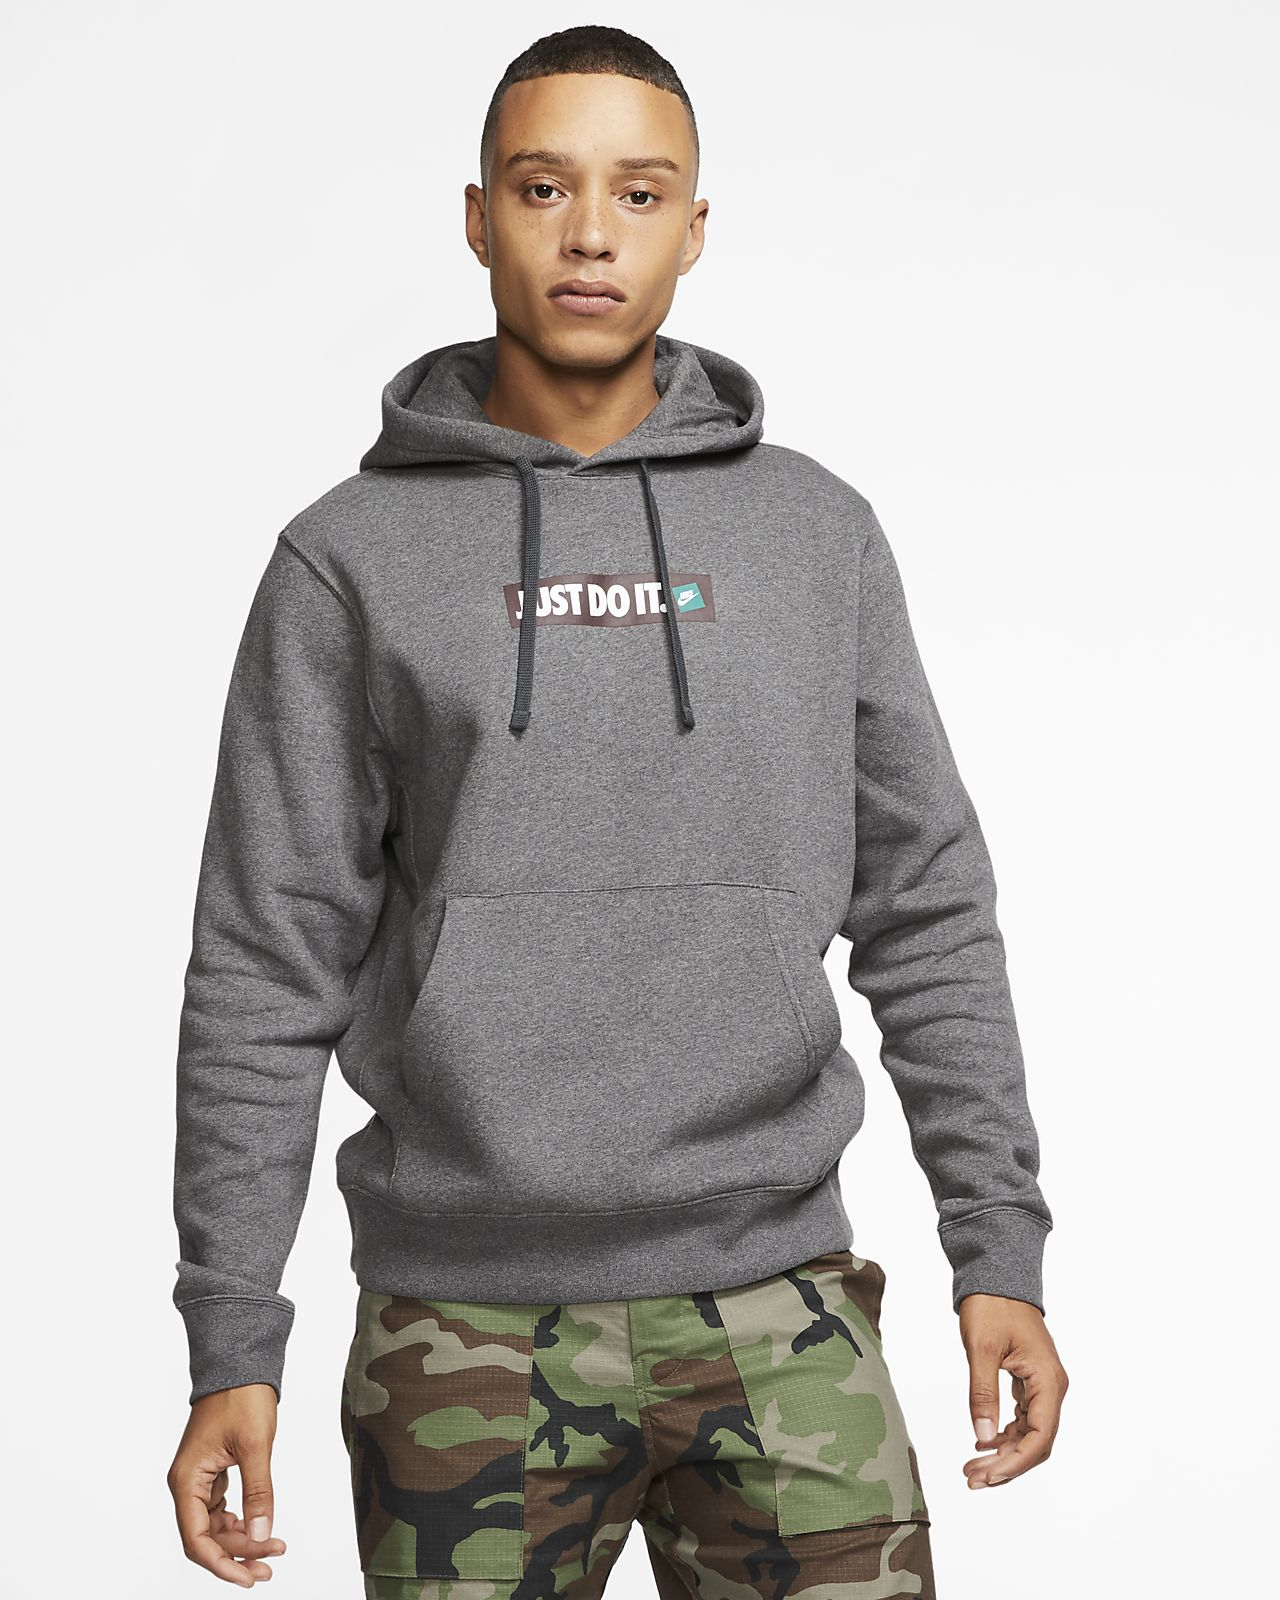 Nike Men's Sportswear Just Do It Fleece Hoodie | Hoodies